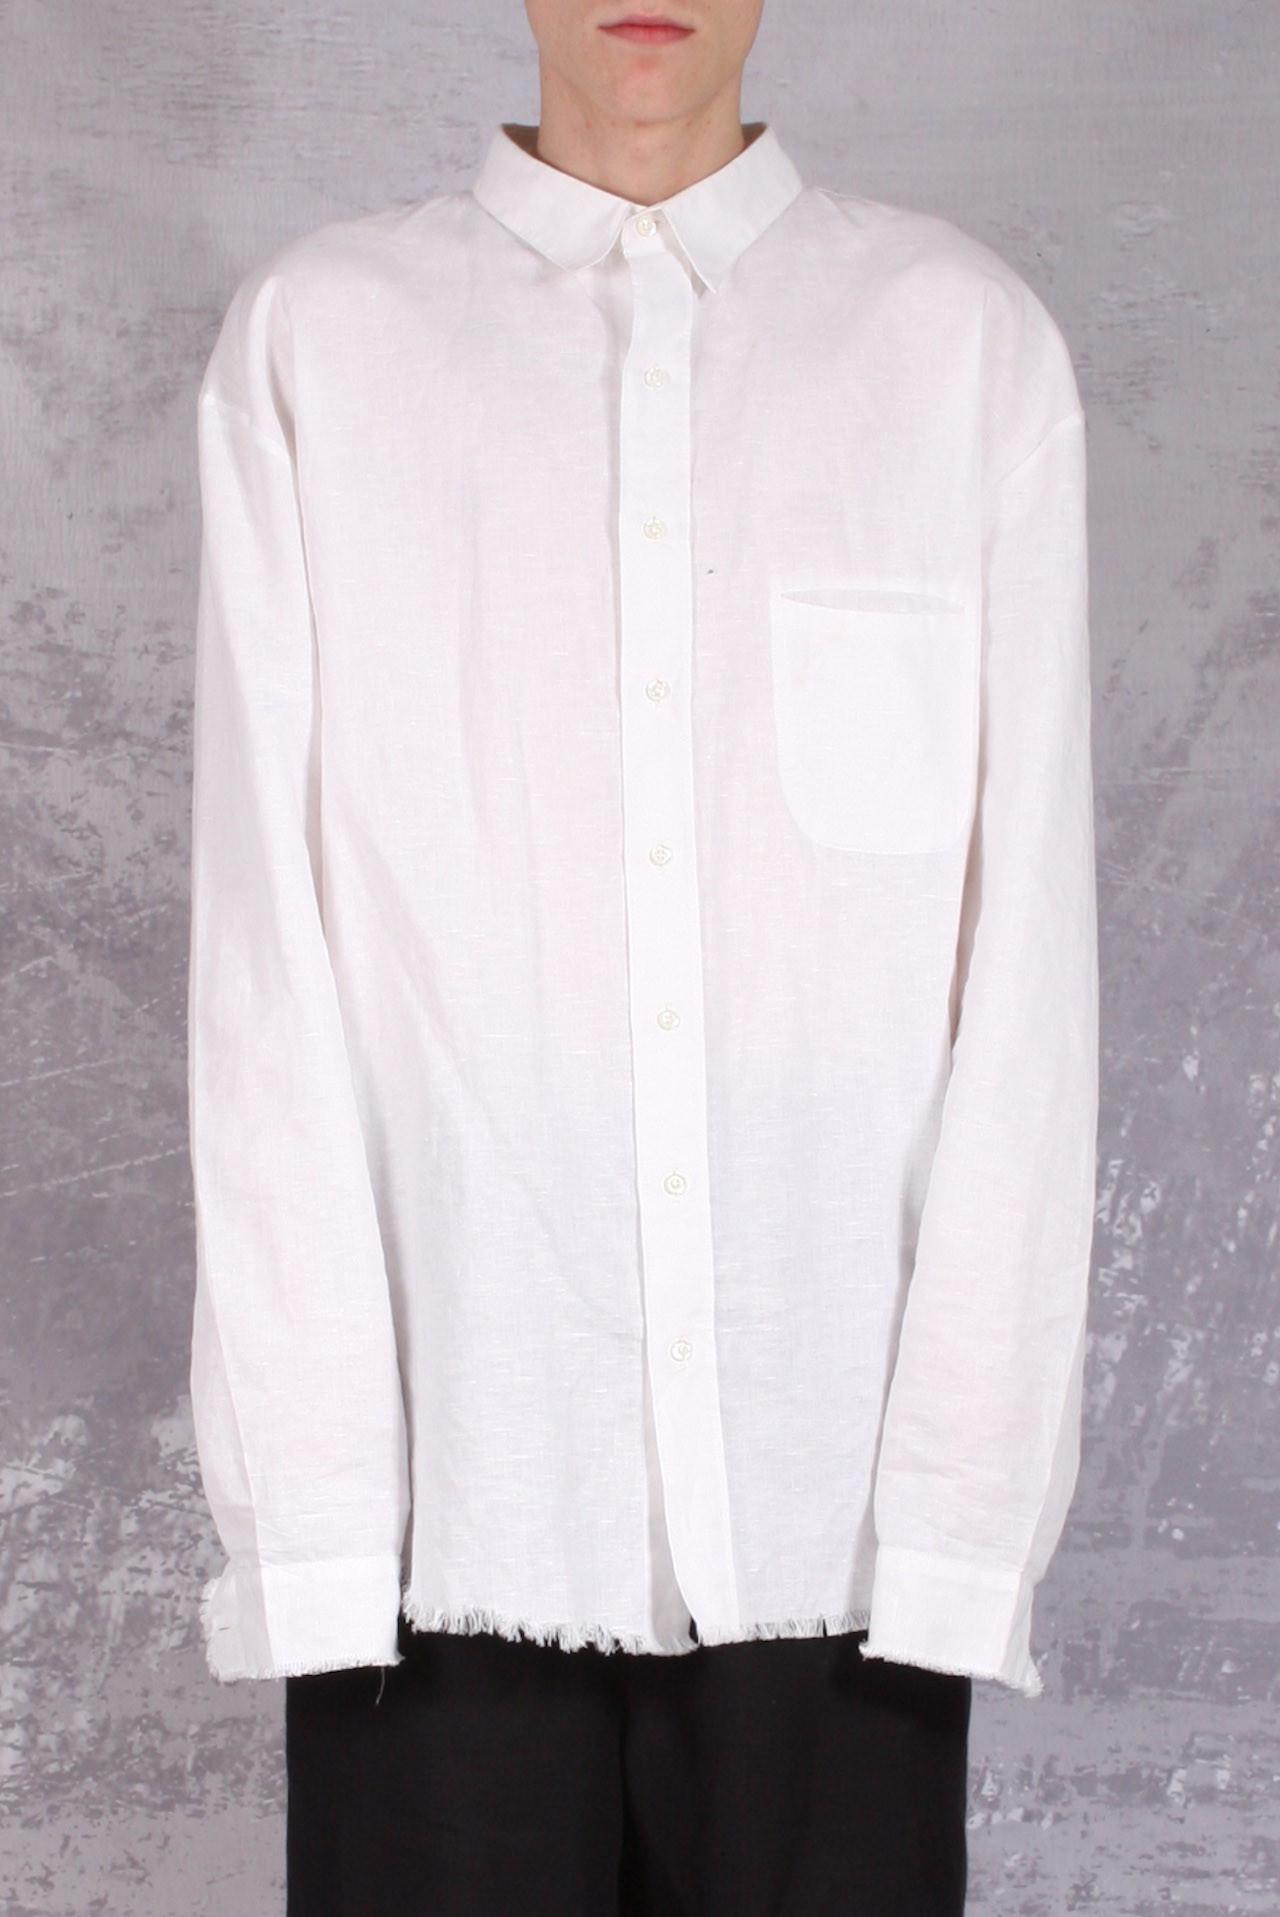 Sagittaire A shirt